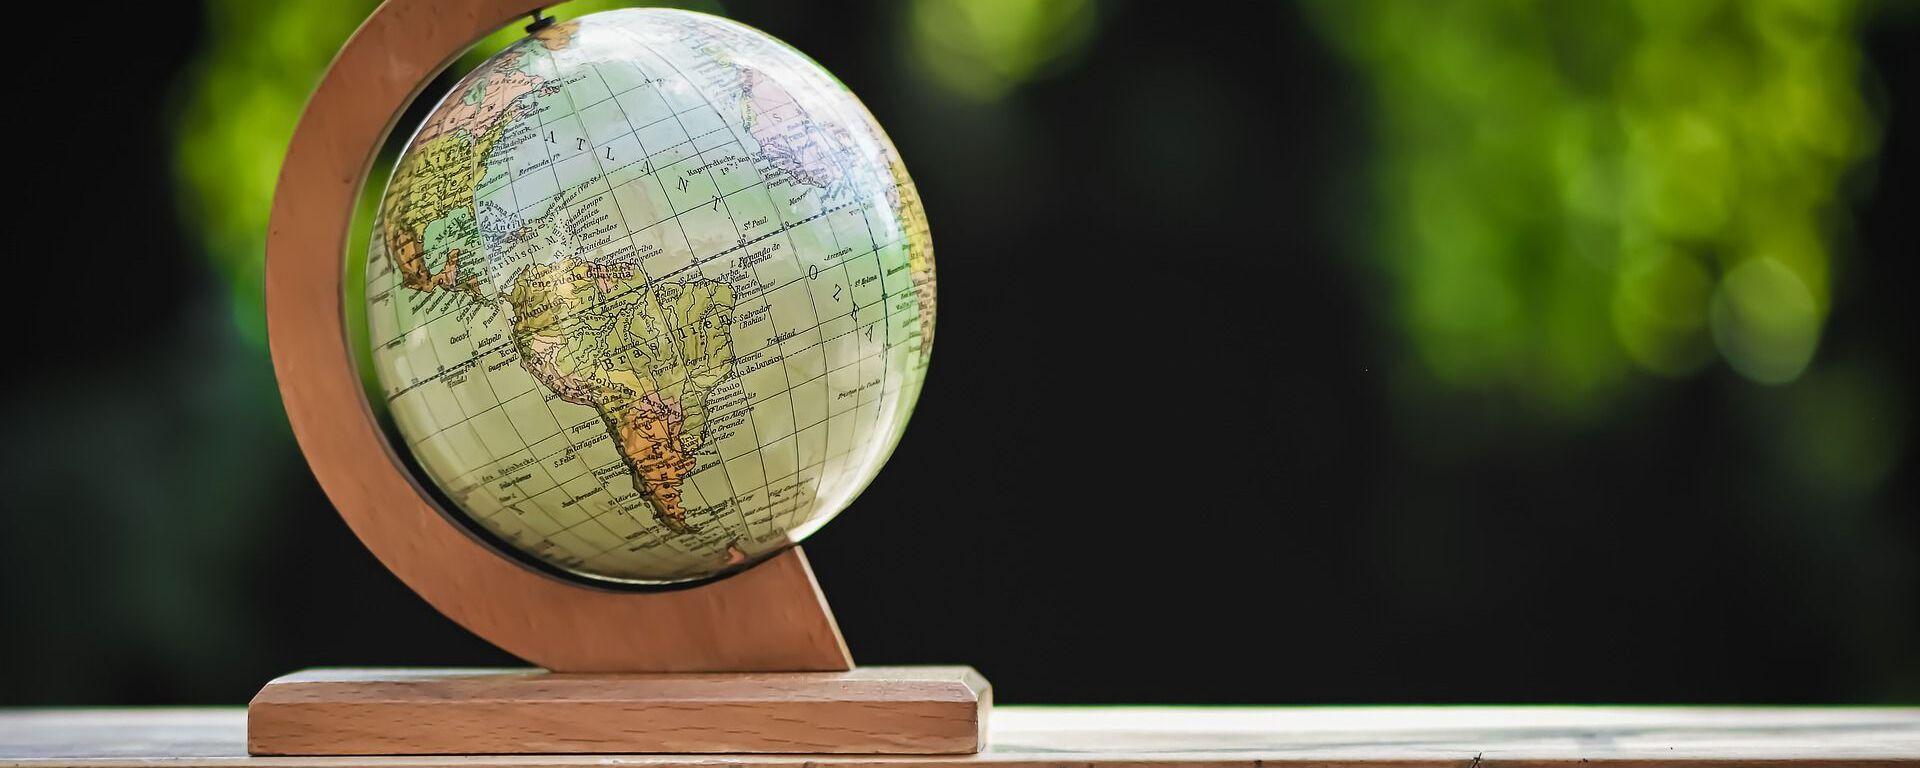 Un globo terráqueo - Sputnik Mundo, 1920, 26.02.2021